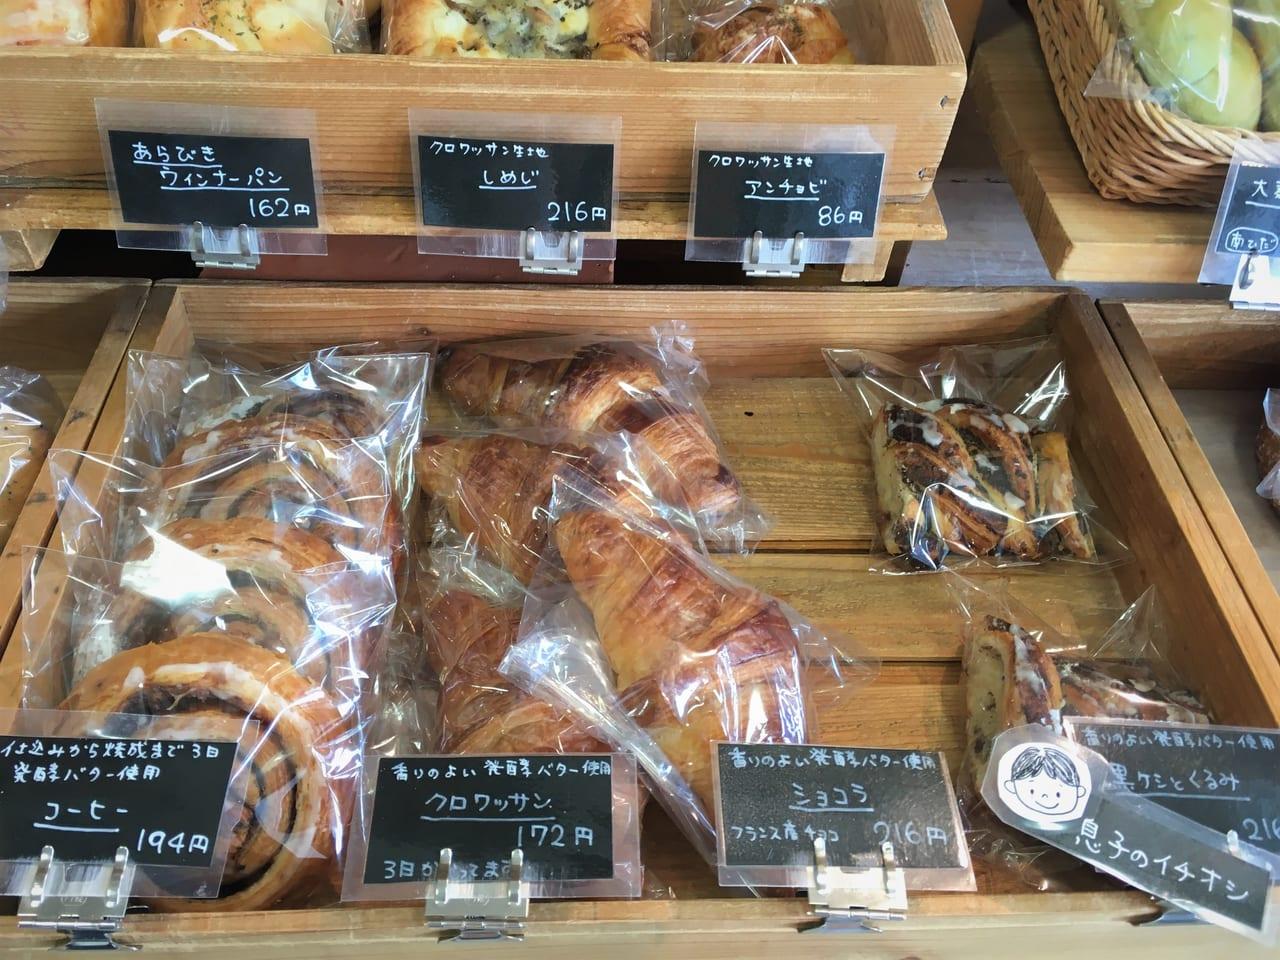 パン工房 MURAKAMI パンの陳列棚